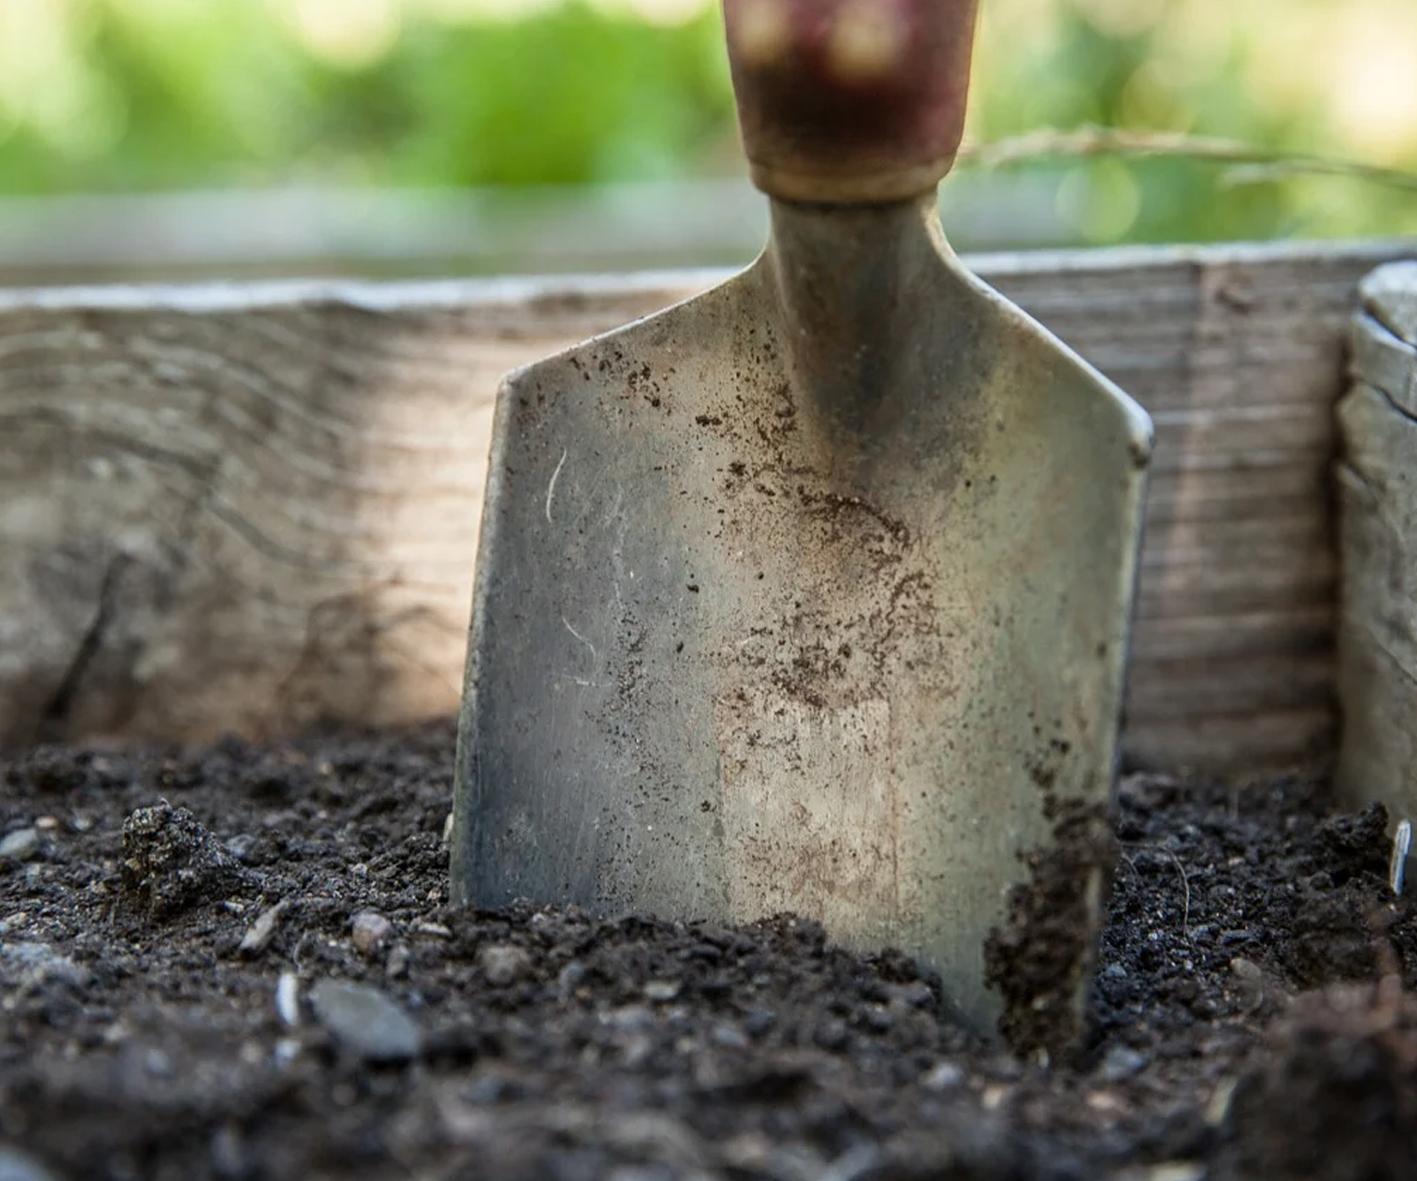 Preparing soil - Your garden in February